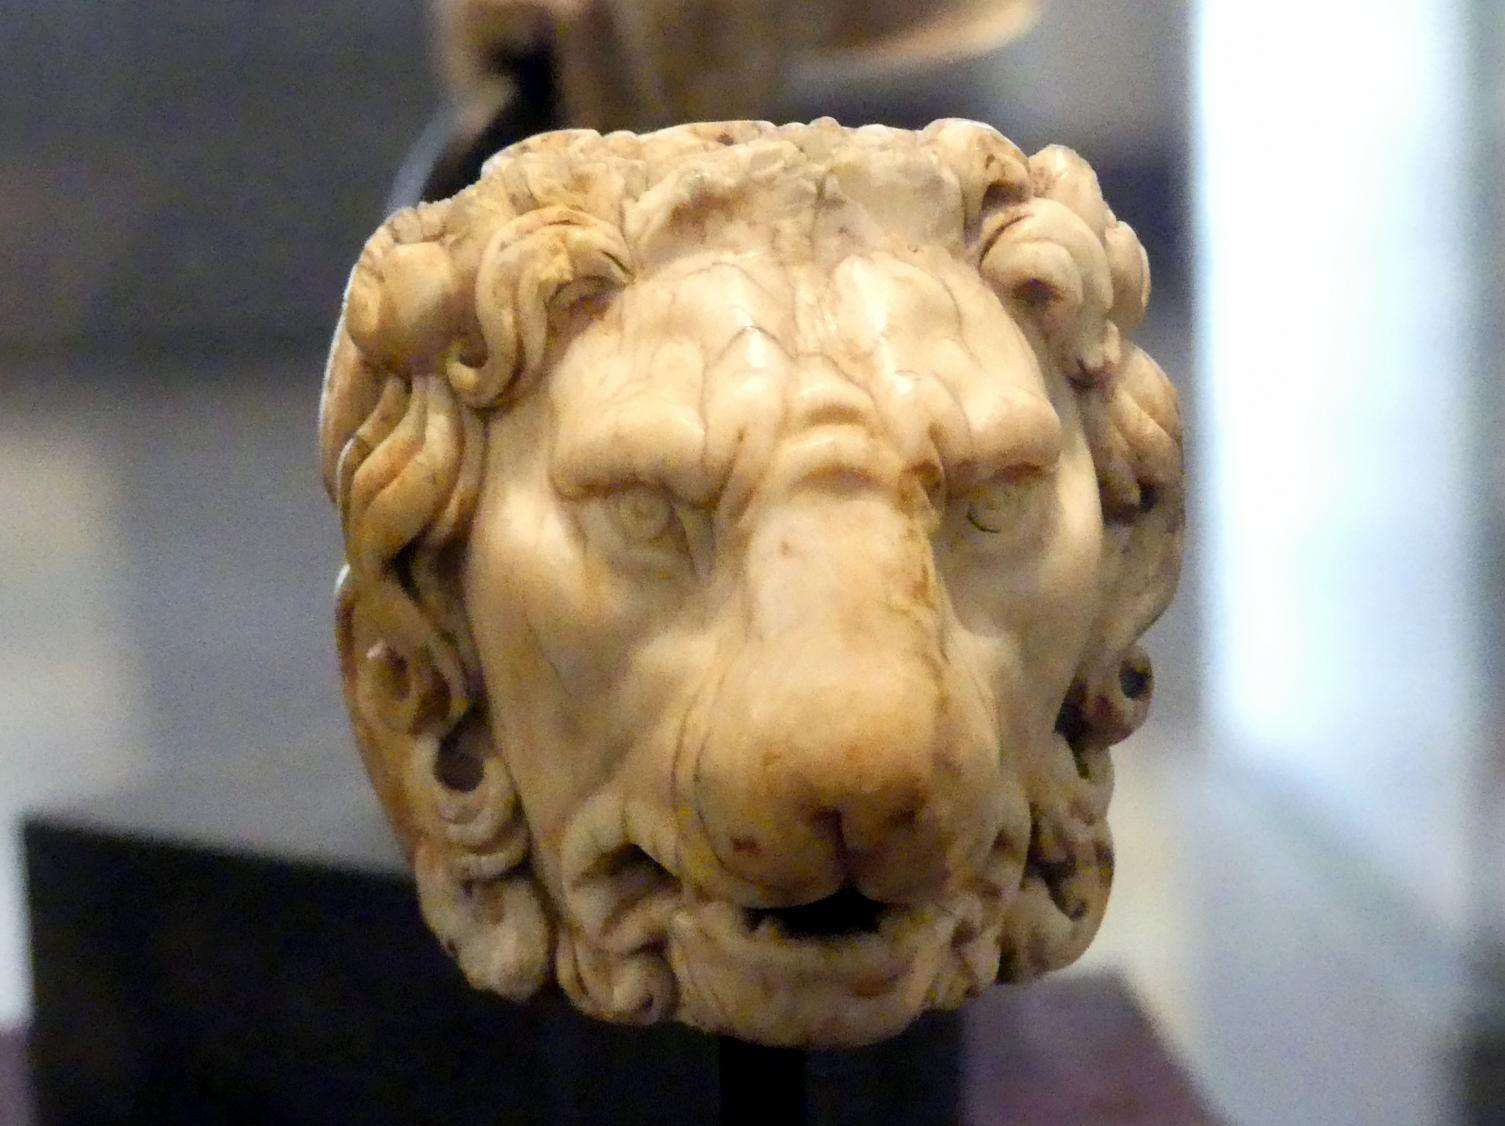 Löwenkopf, 2. Hälfte 13. Jhd.